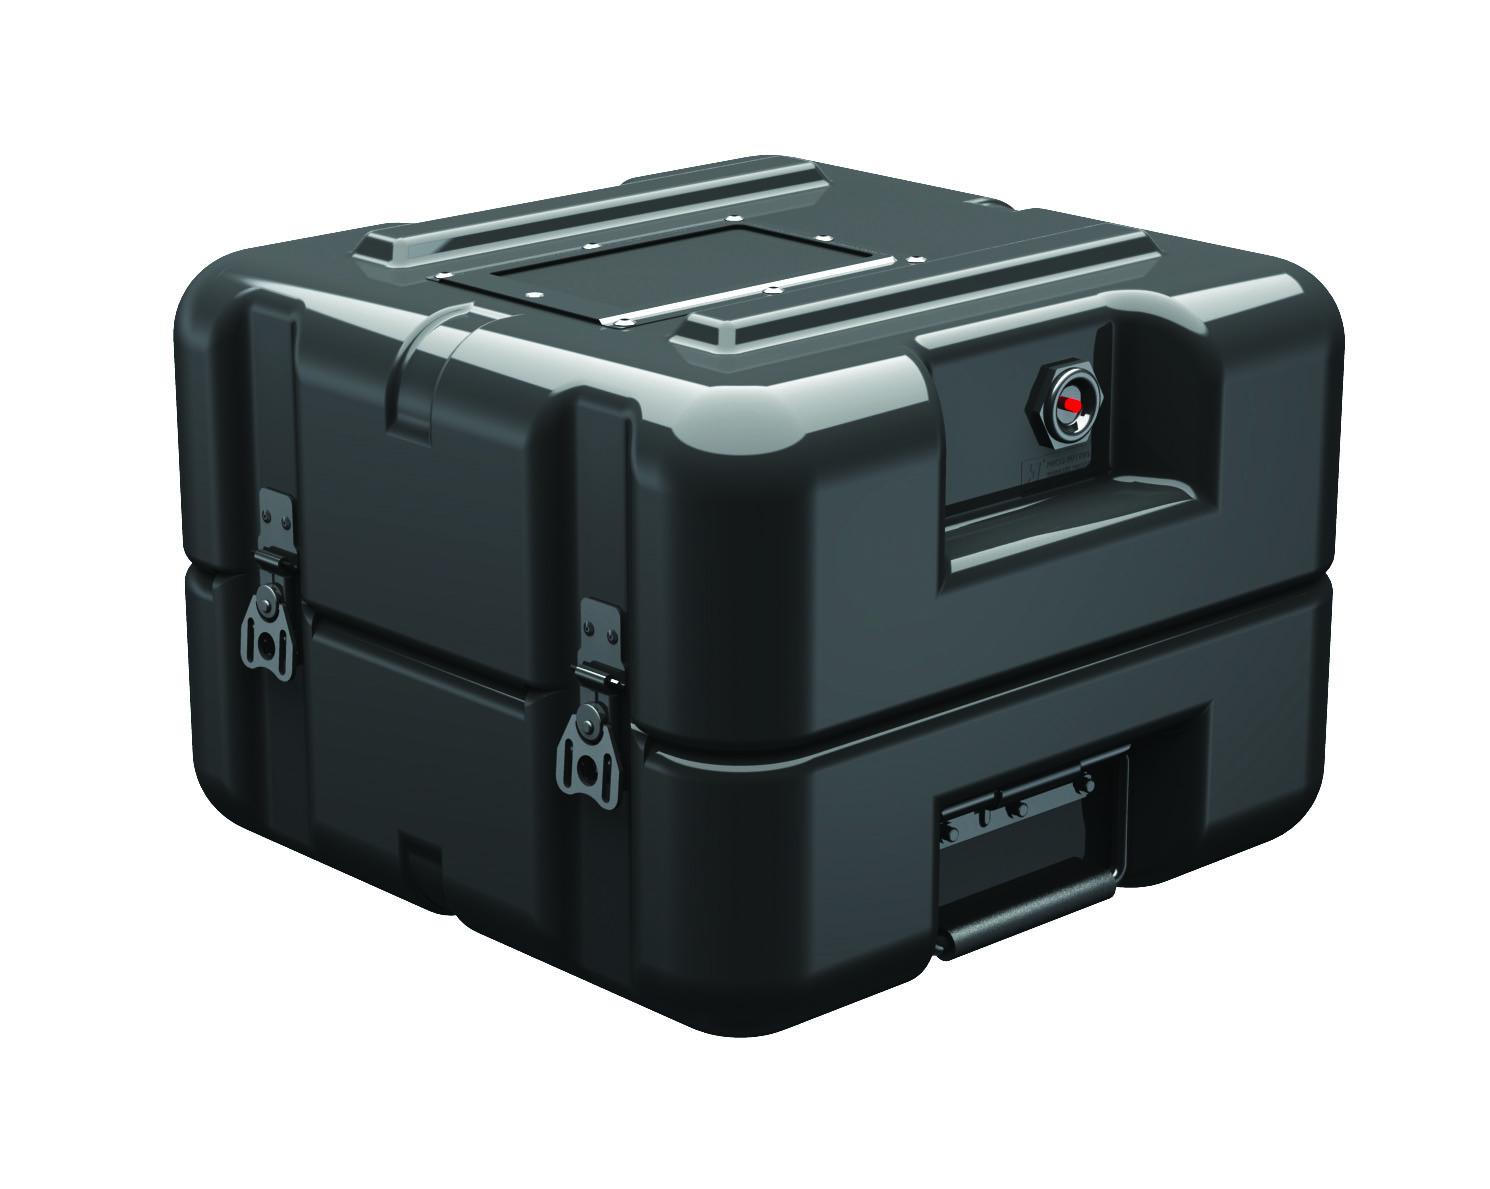 AL1212-0405 - AL1212-0405 Pelican Army Transport Case